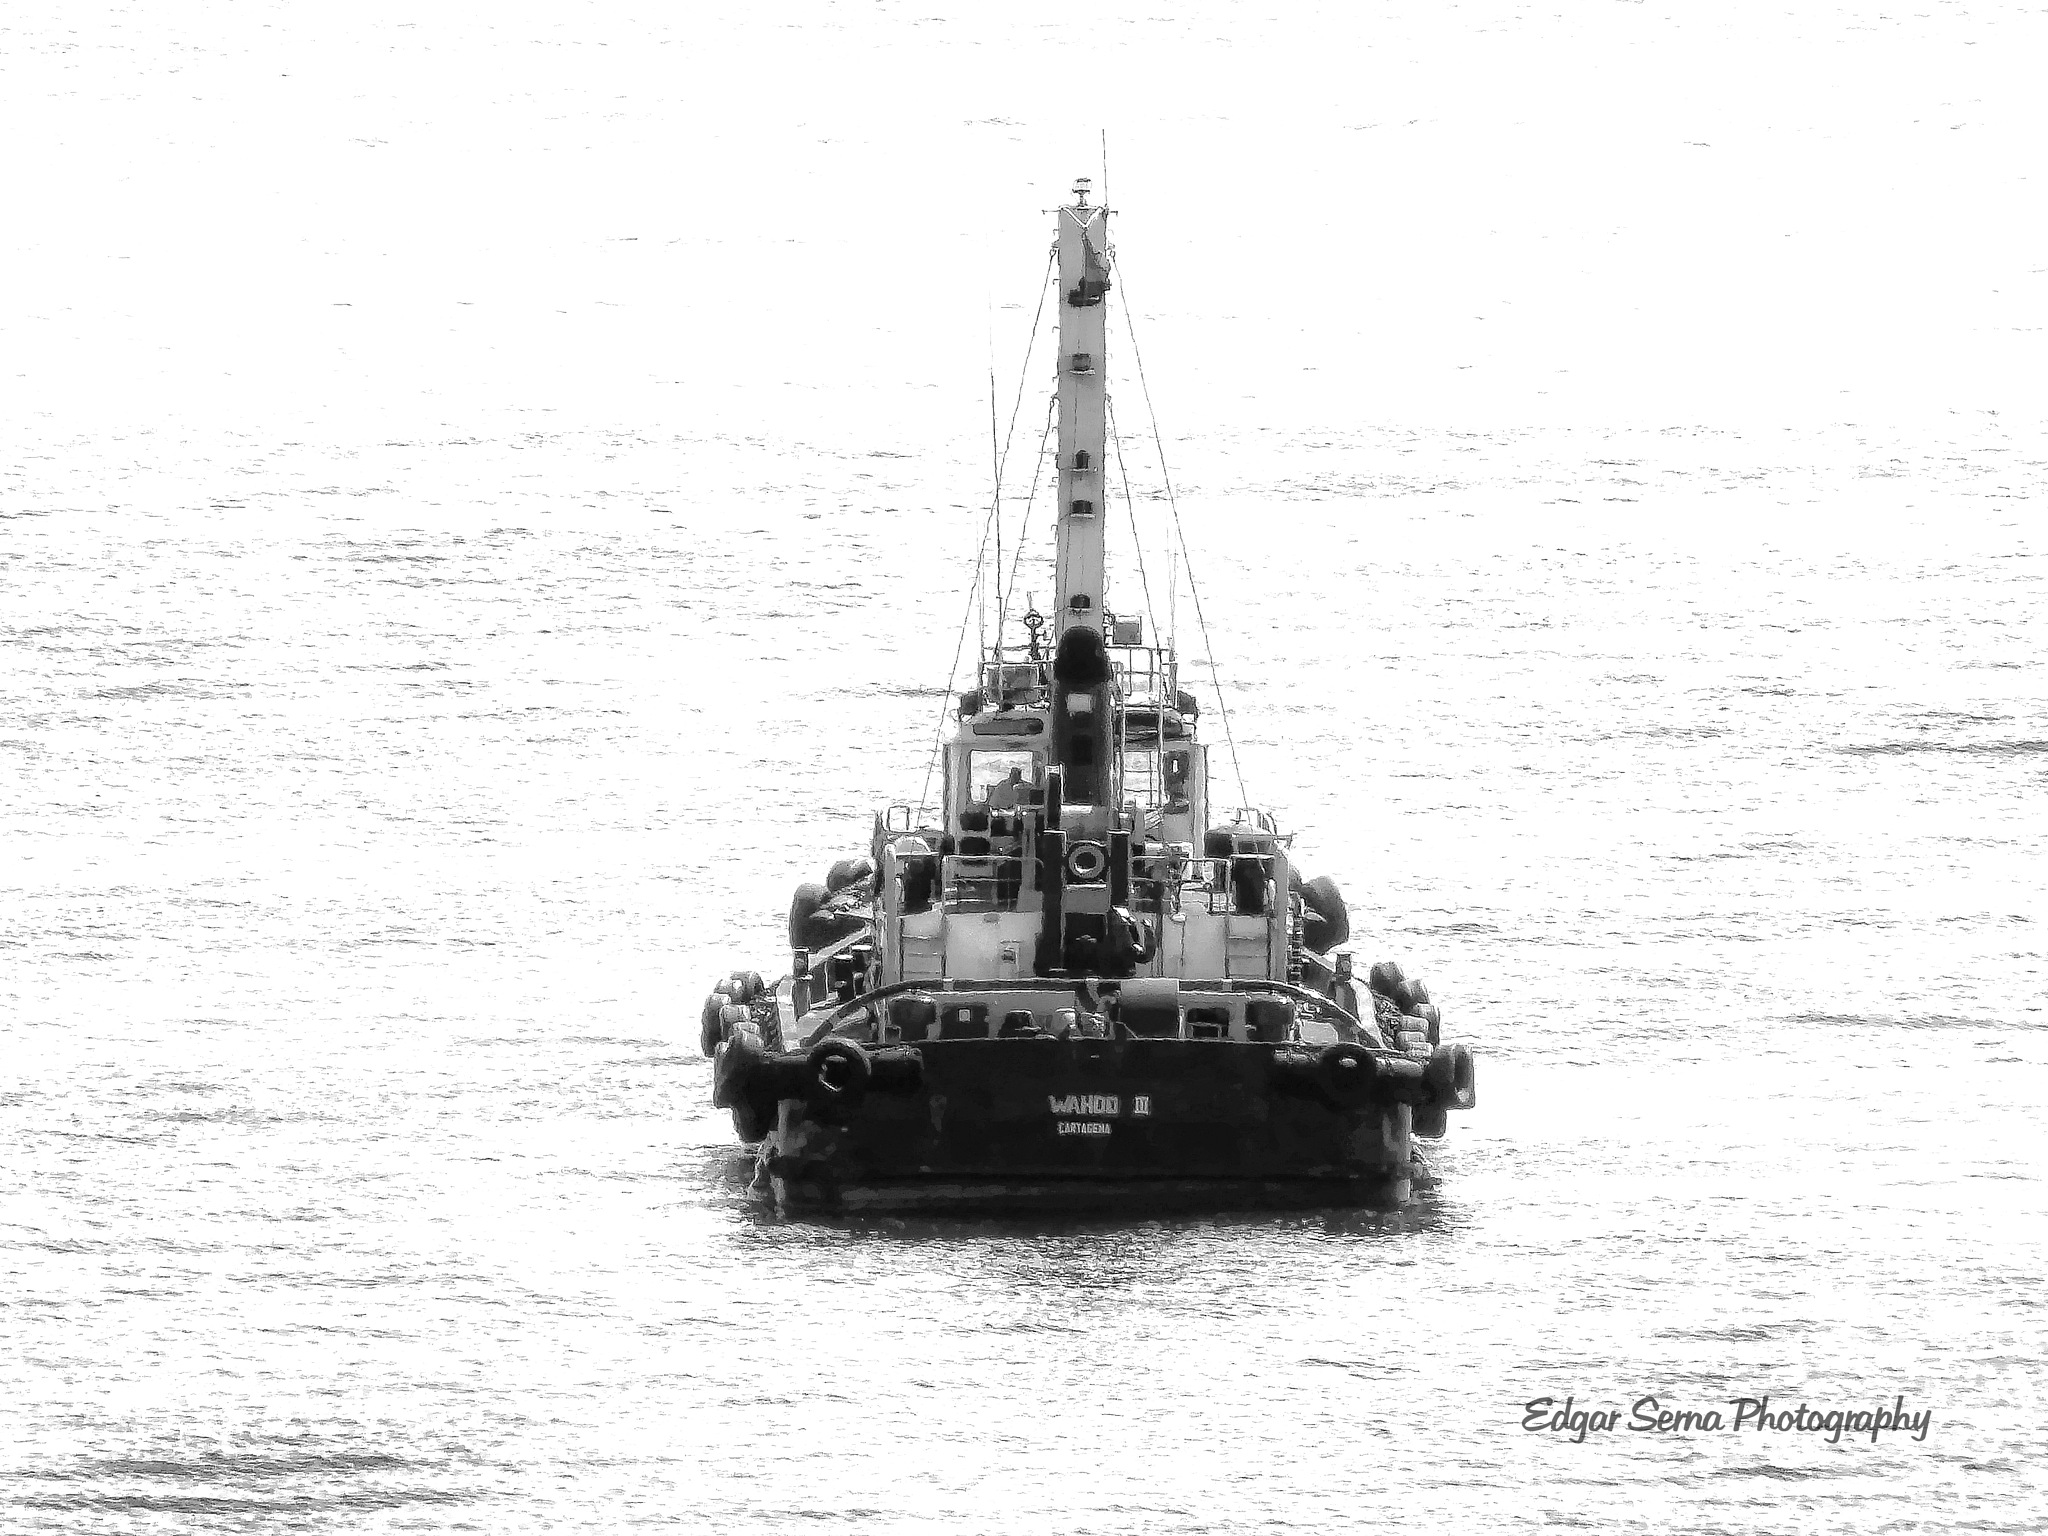 Boat by Edgar Serna